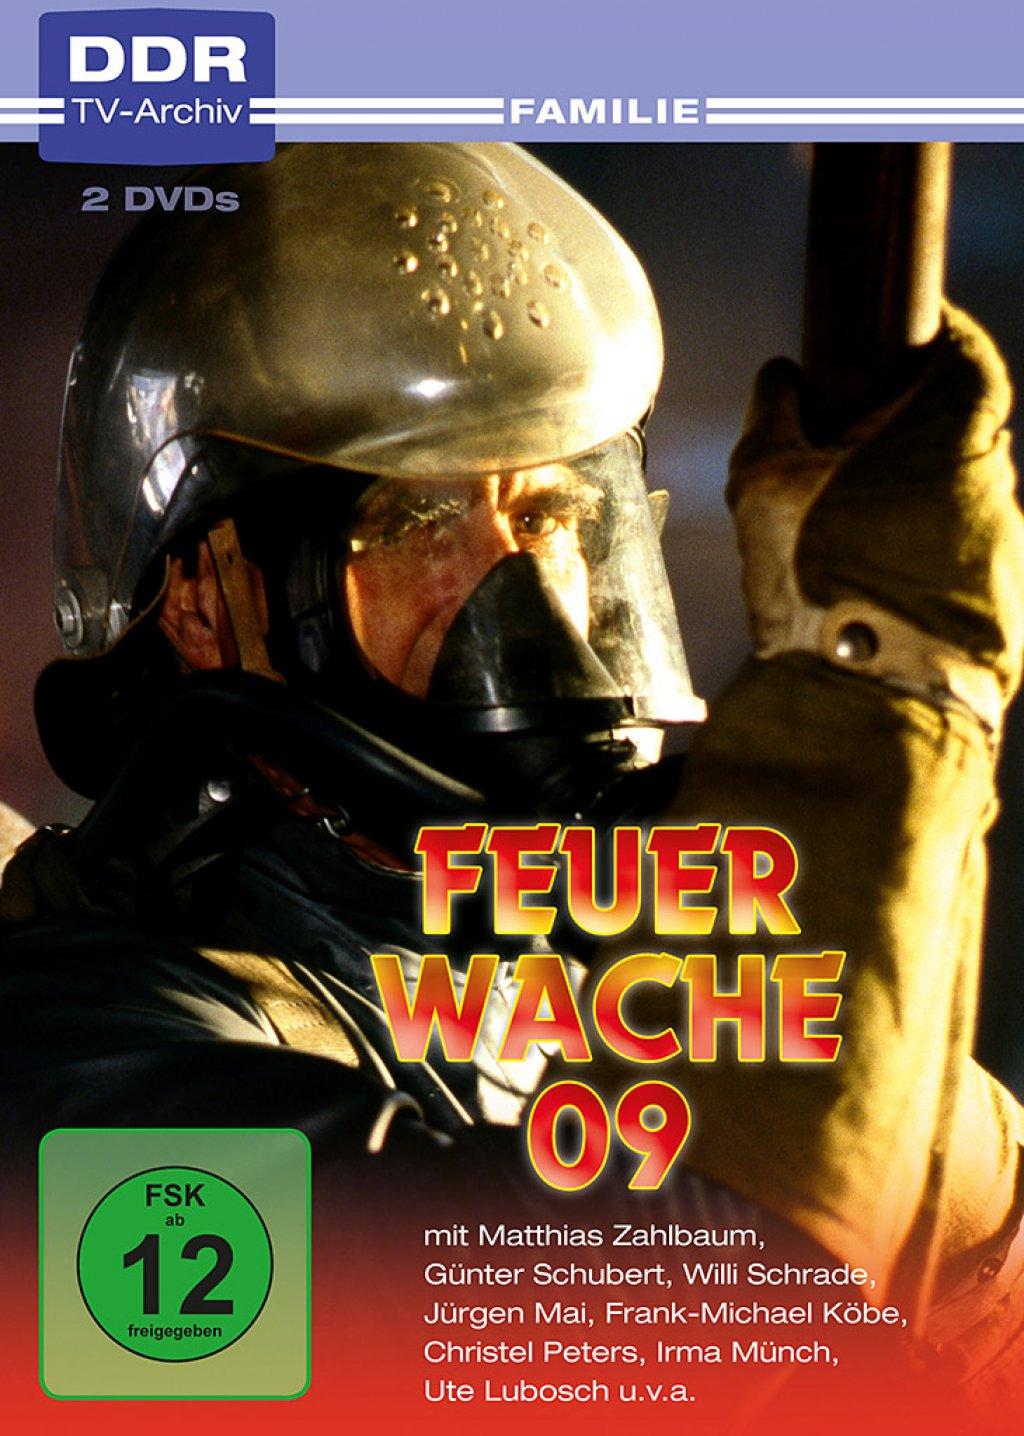 Feuerwache 09 - DDR-TV-Archiv (DVD)